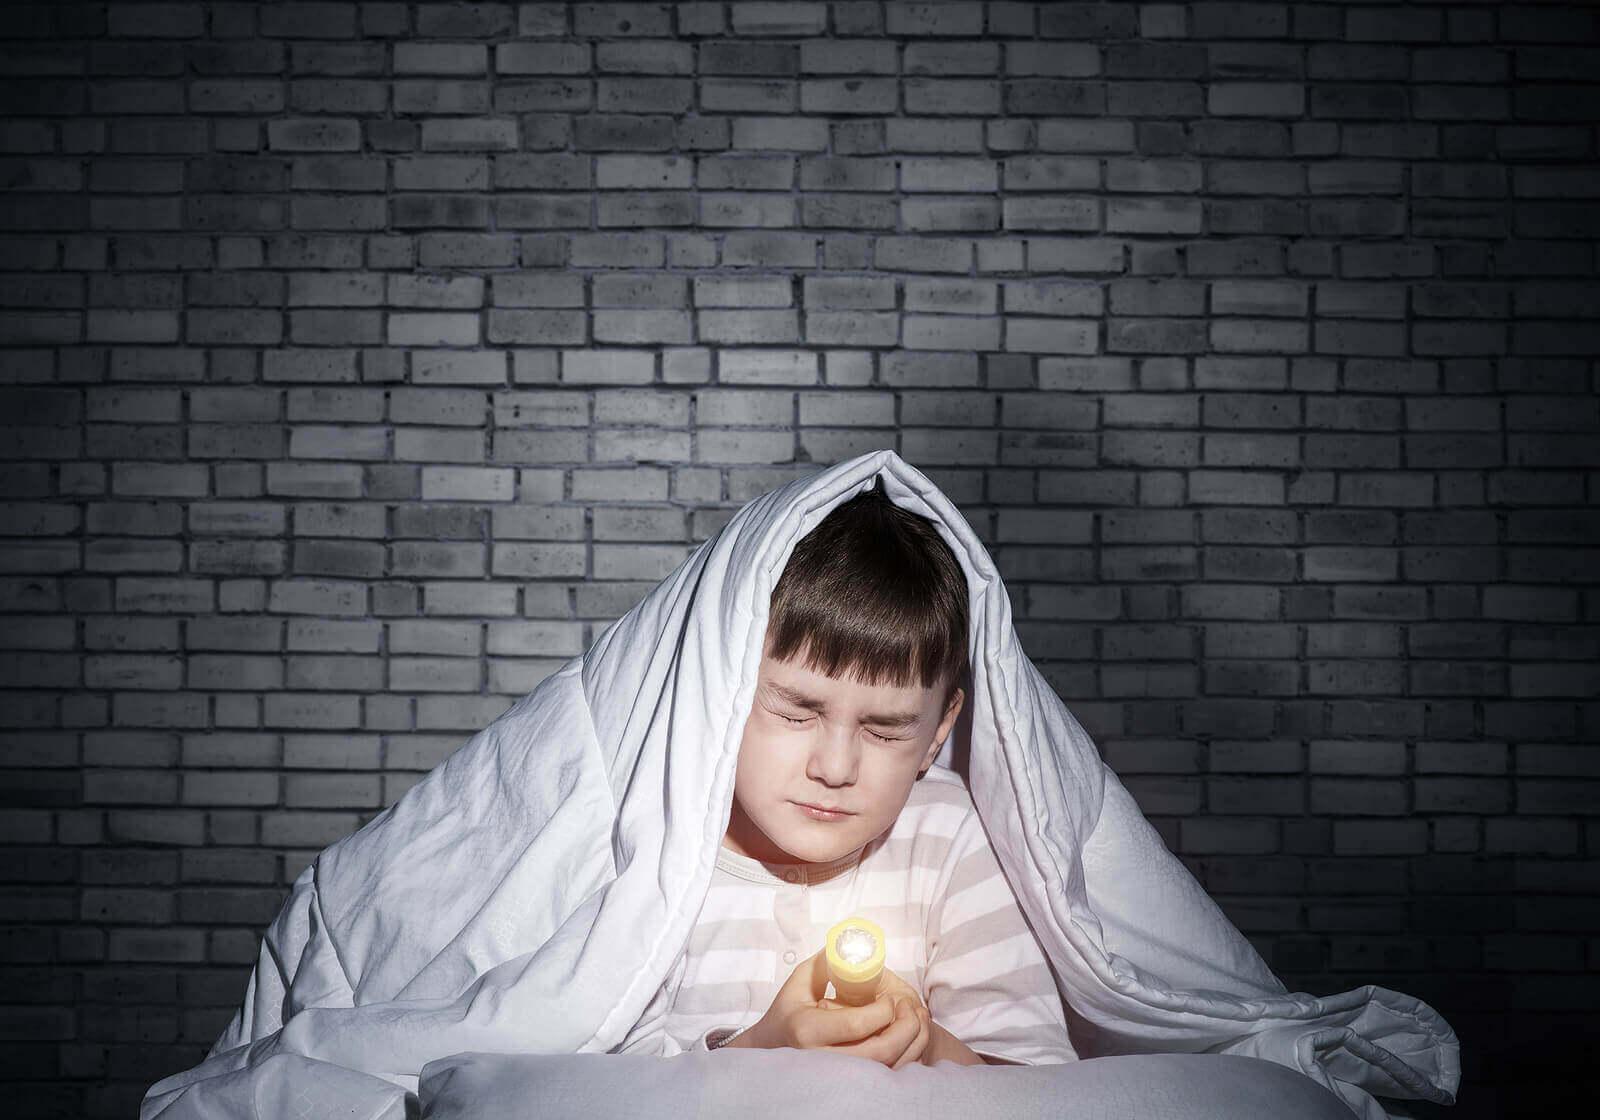 Karanlıktan korktuğu için battaniye altında fenerle oturan çocuk